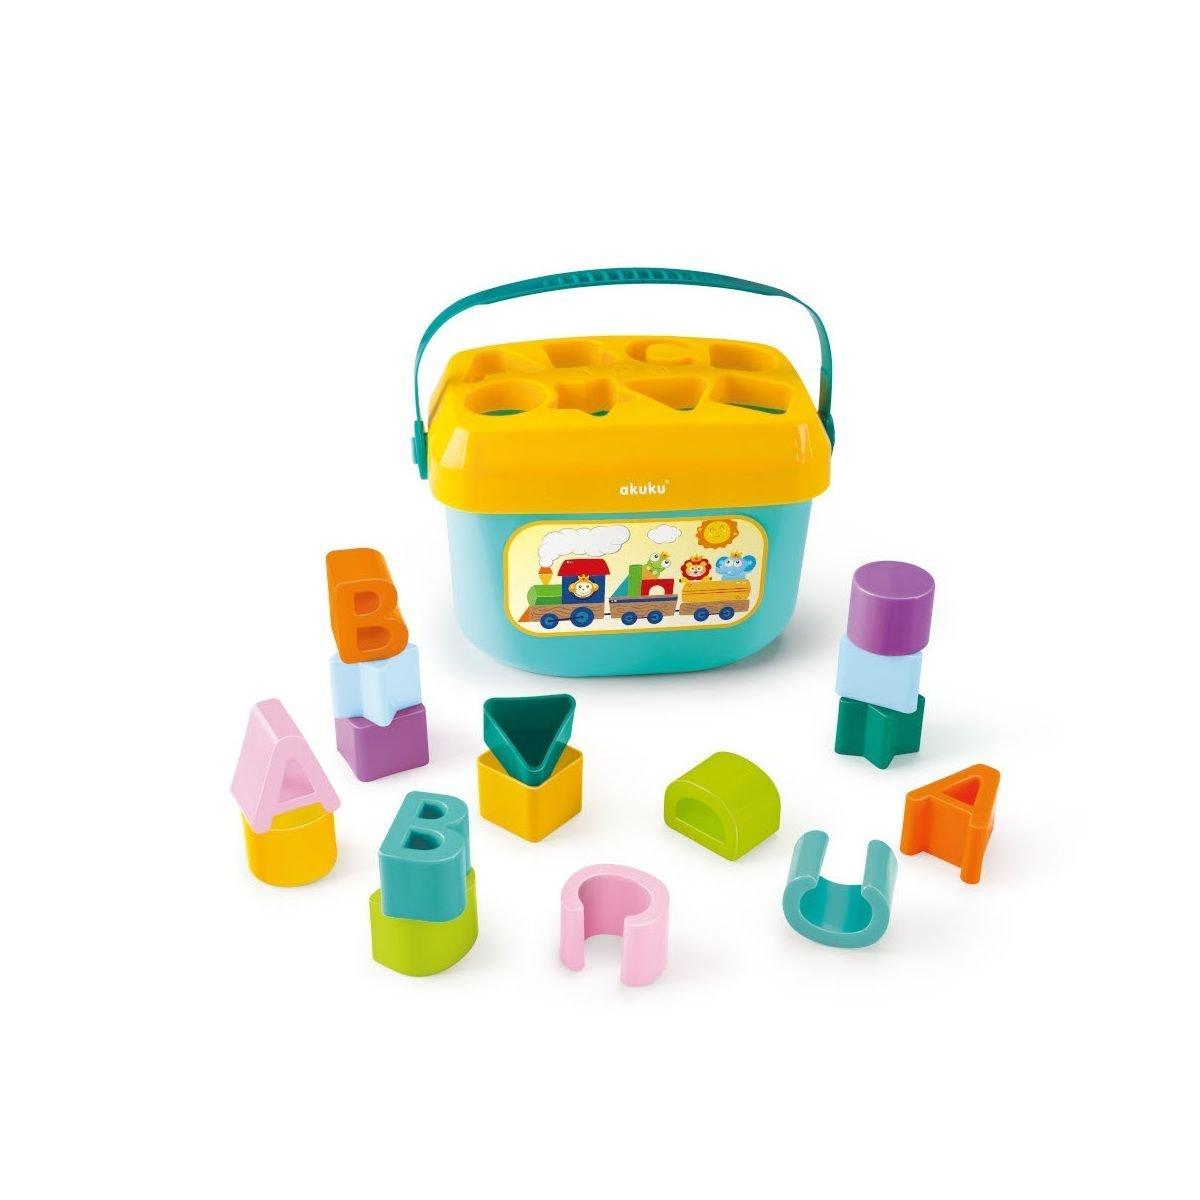 Eduka�n� hra�ka vkl�da�ka kybl�k p�smenka a tvary